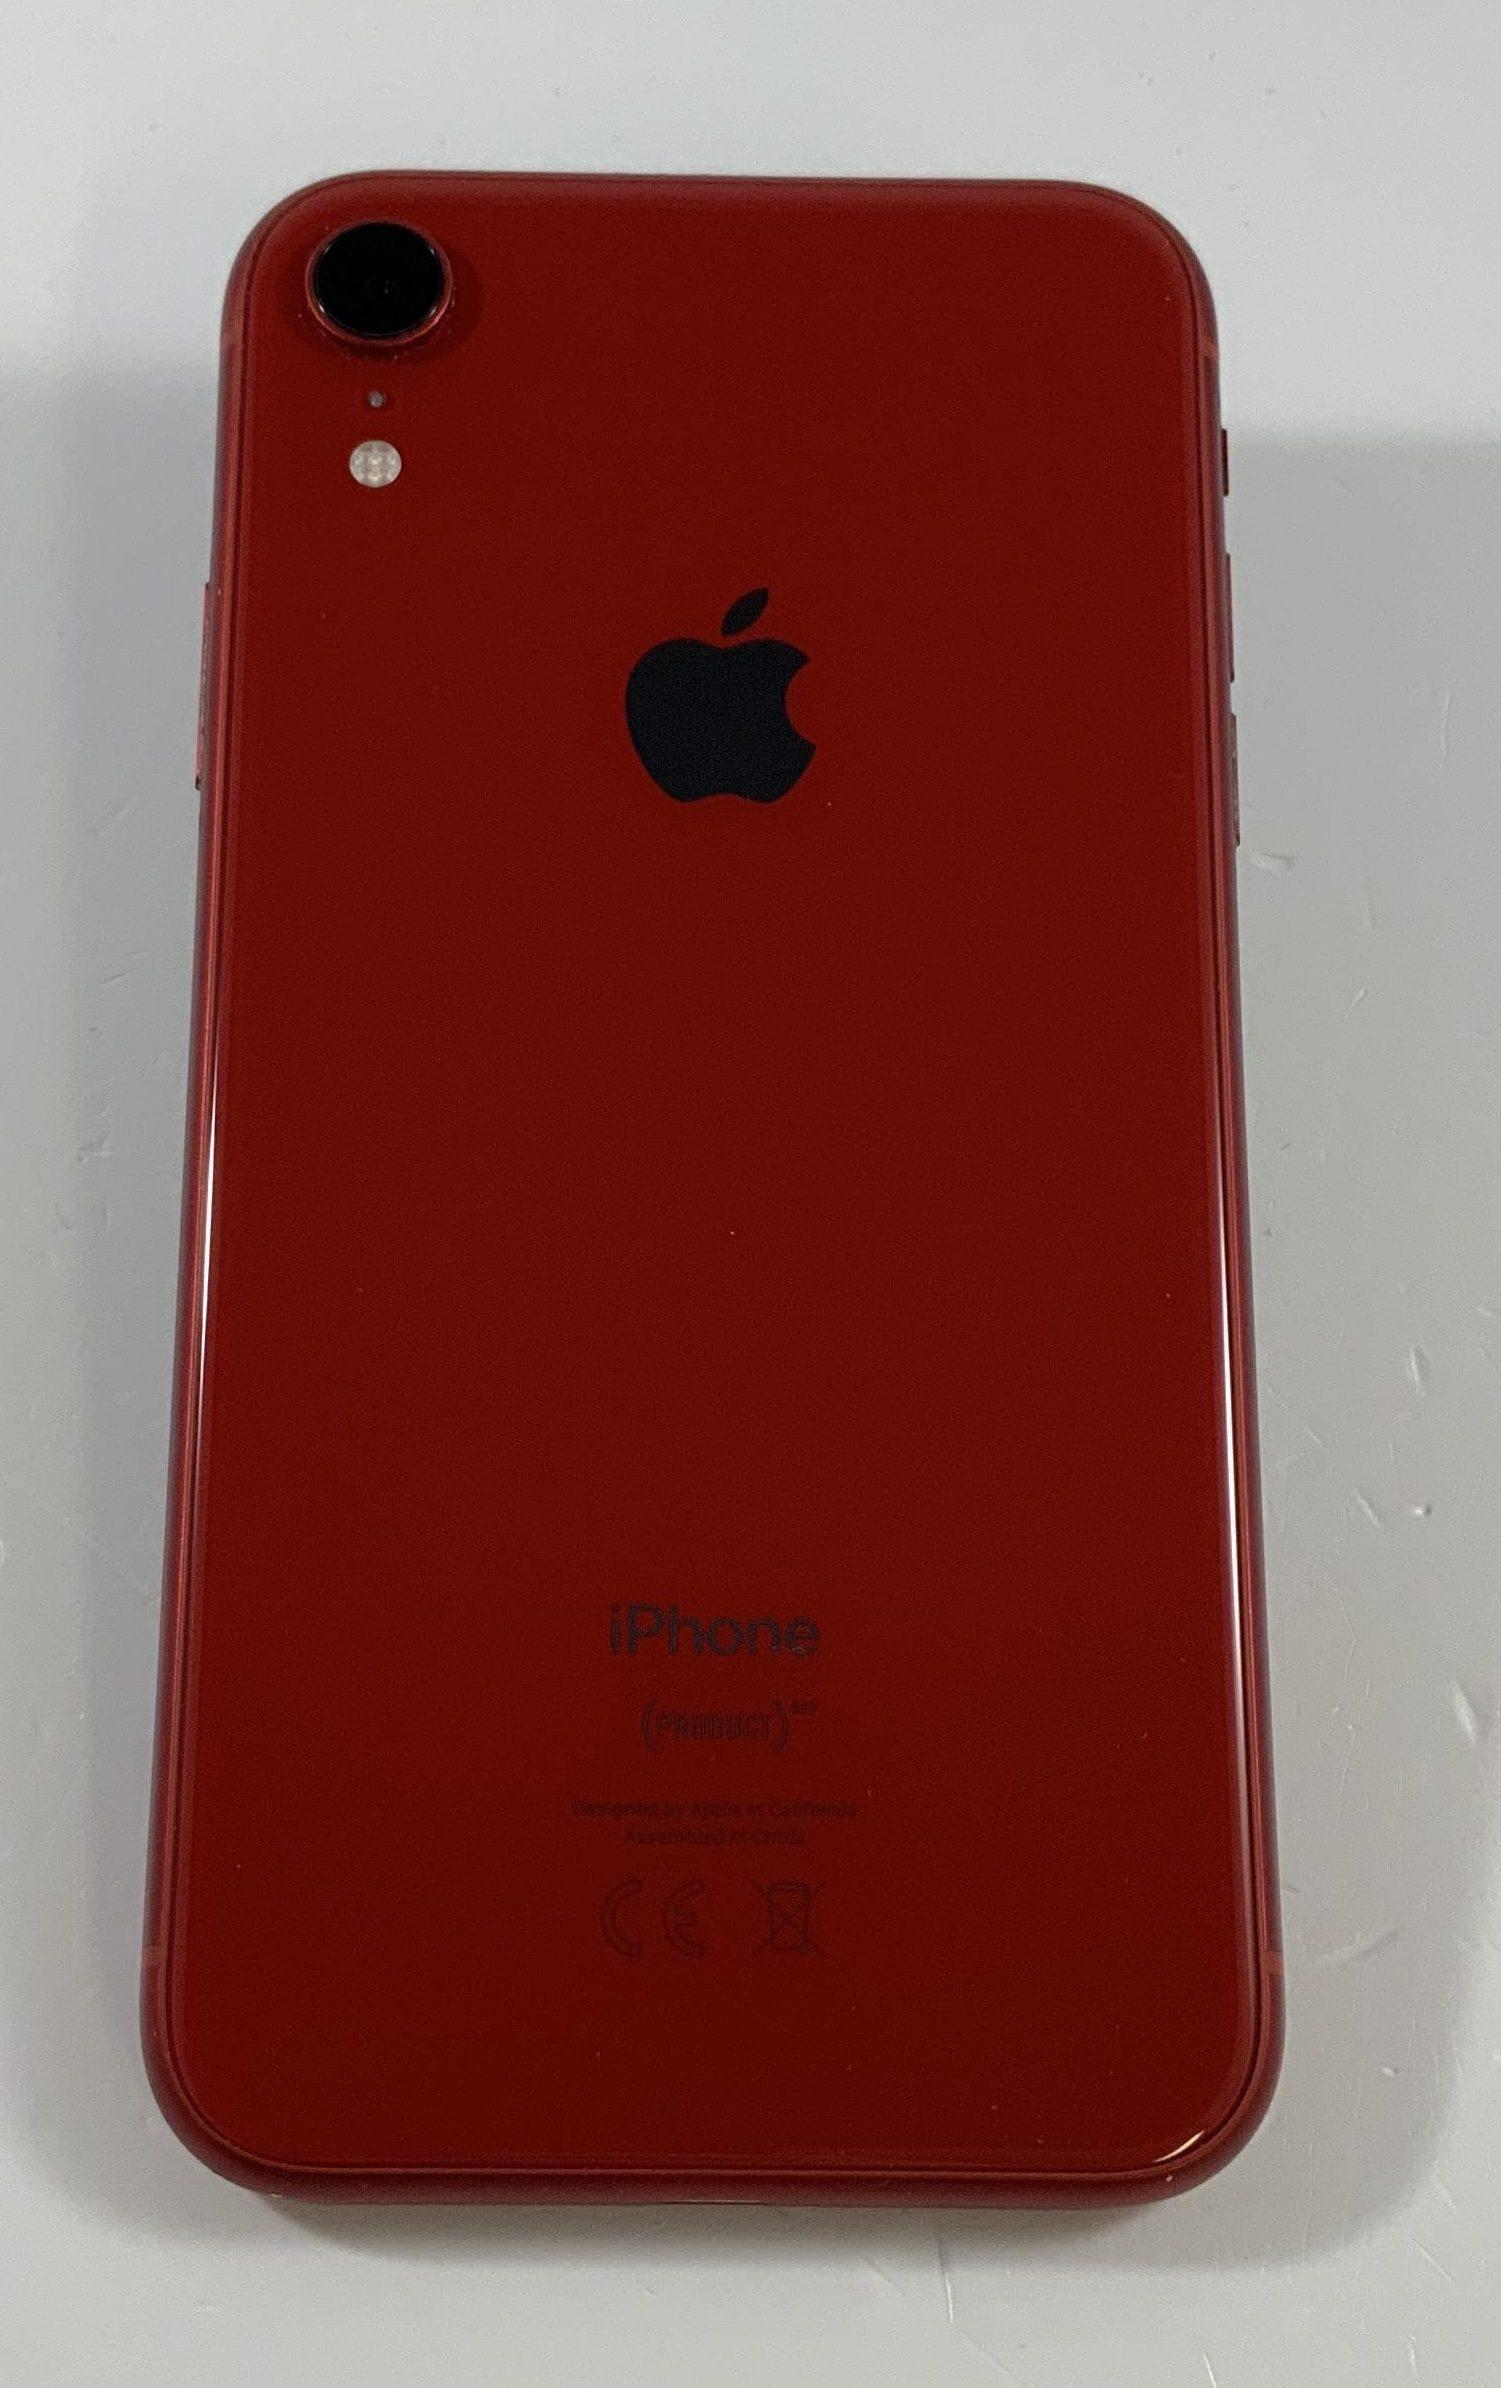 iPhone XR 128GB, 128GB, Red, obraz 2